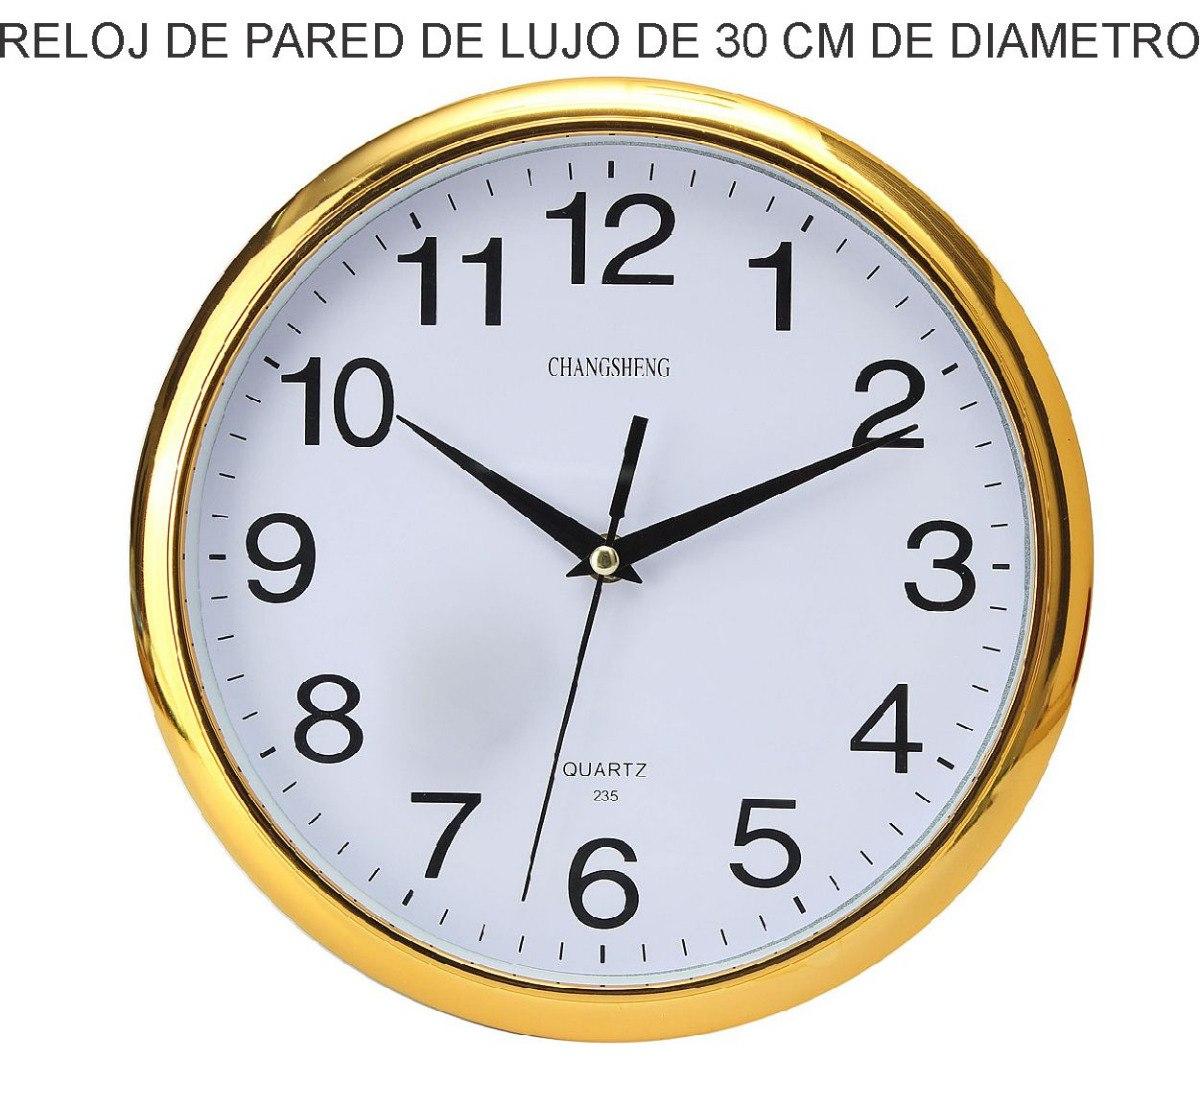 Reloj de pared de lujo cocina regalo empresa logo dorado - Relojes modernos de pared ...